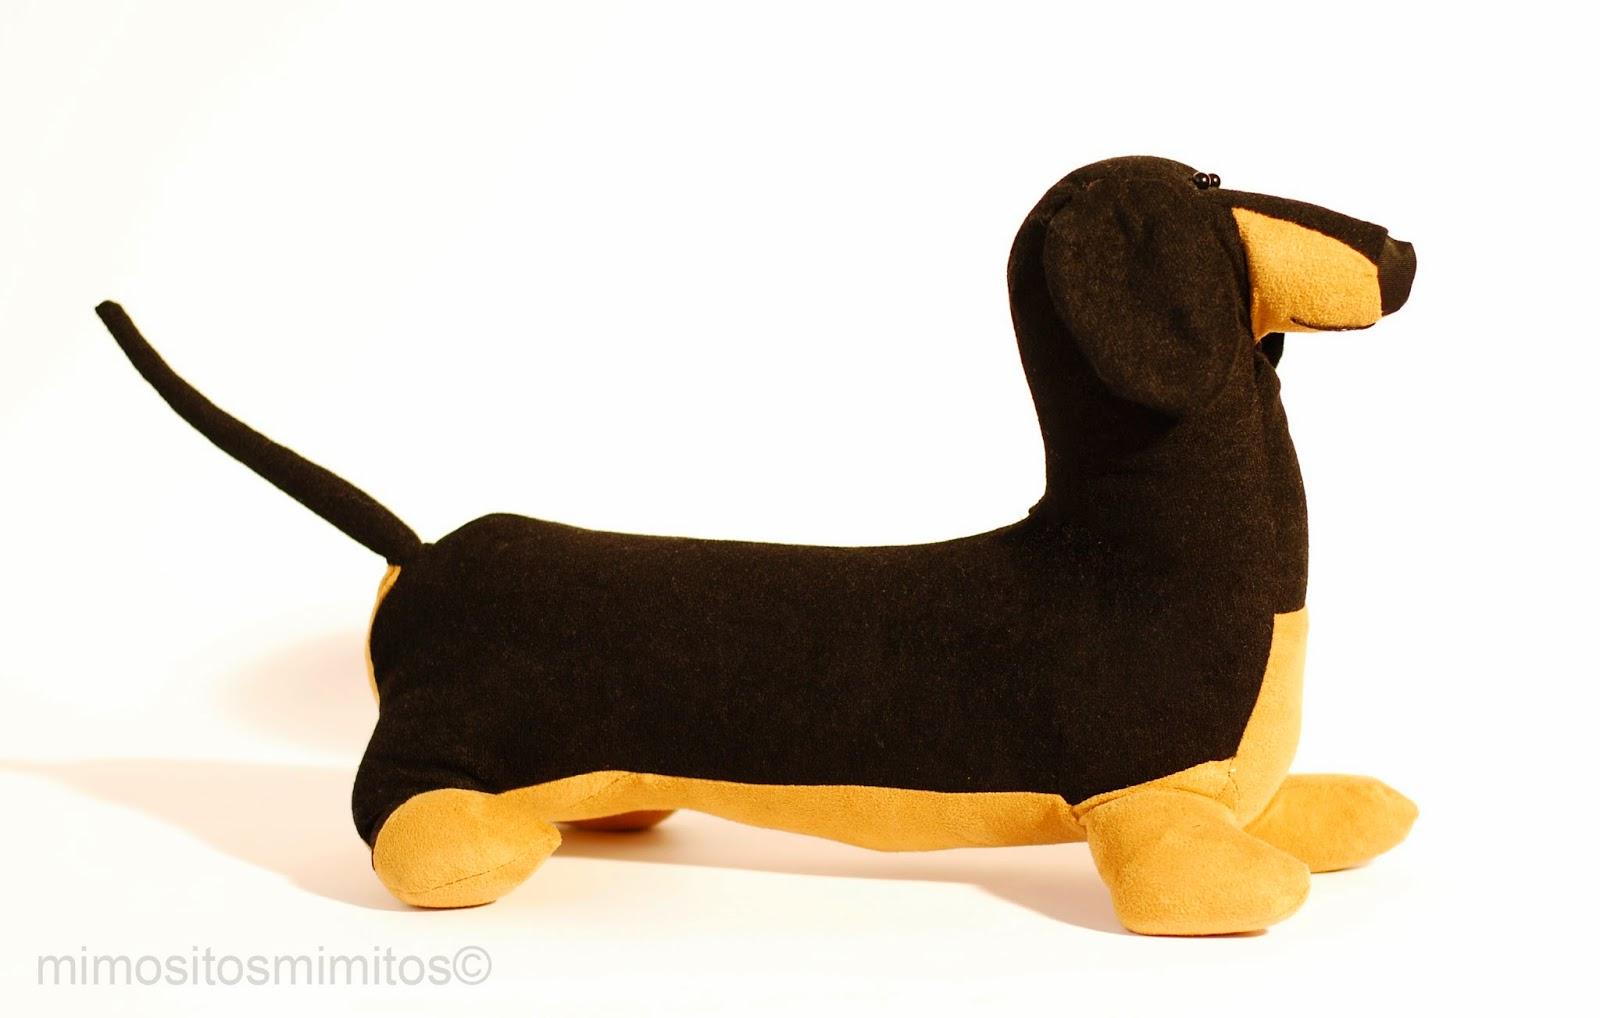 Perro salchicha teckel perlo corto negro muñeco personalizado stuffed toy cutomized